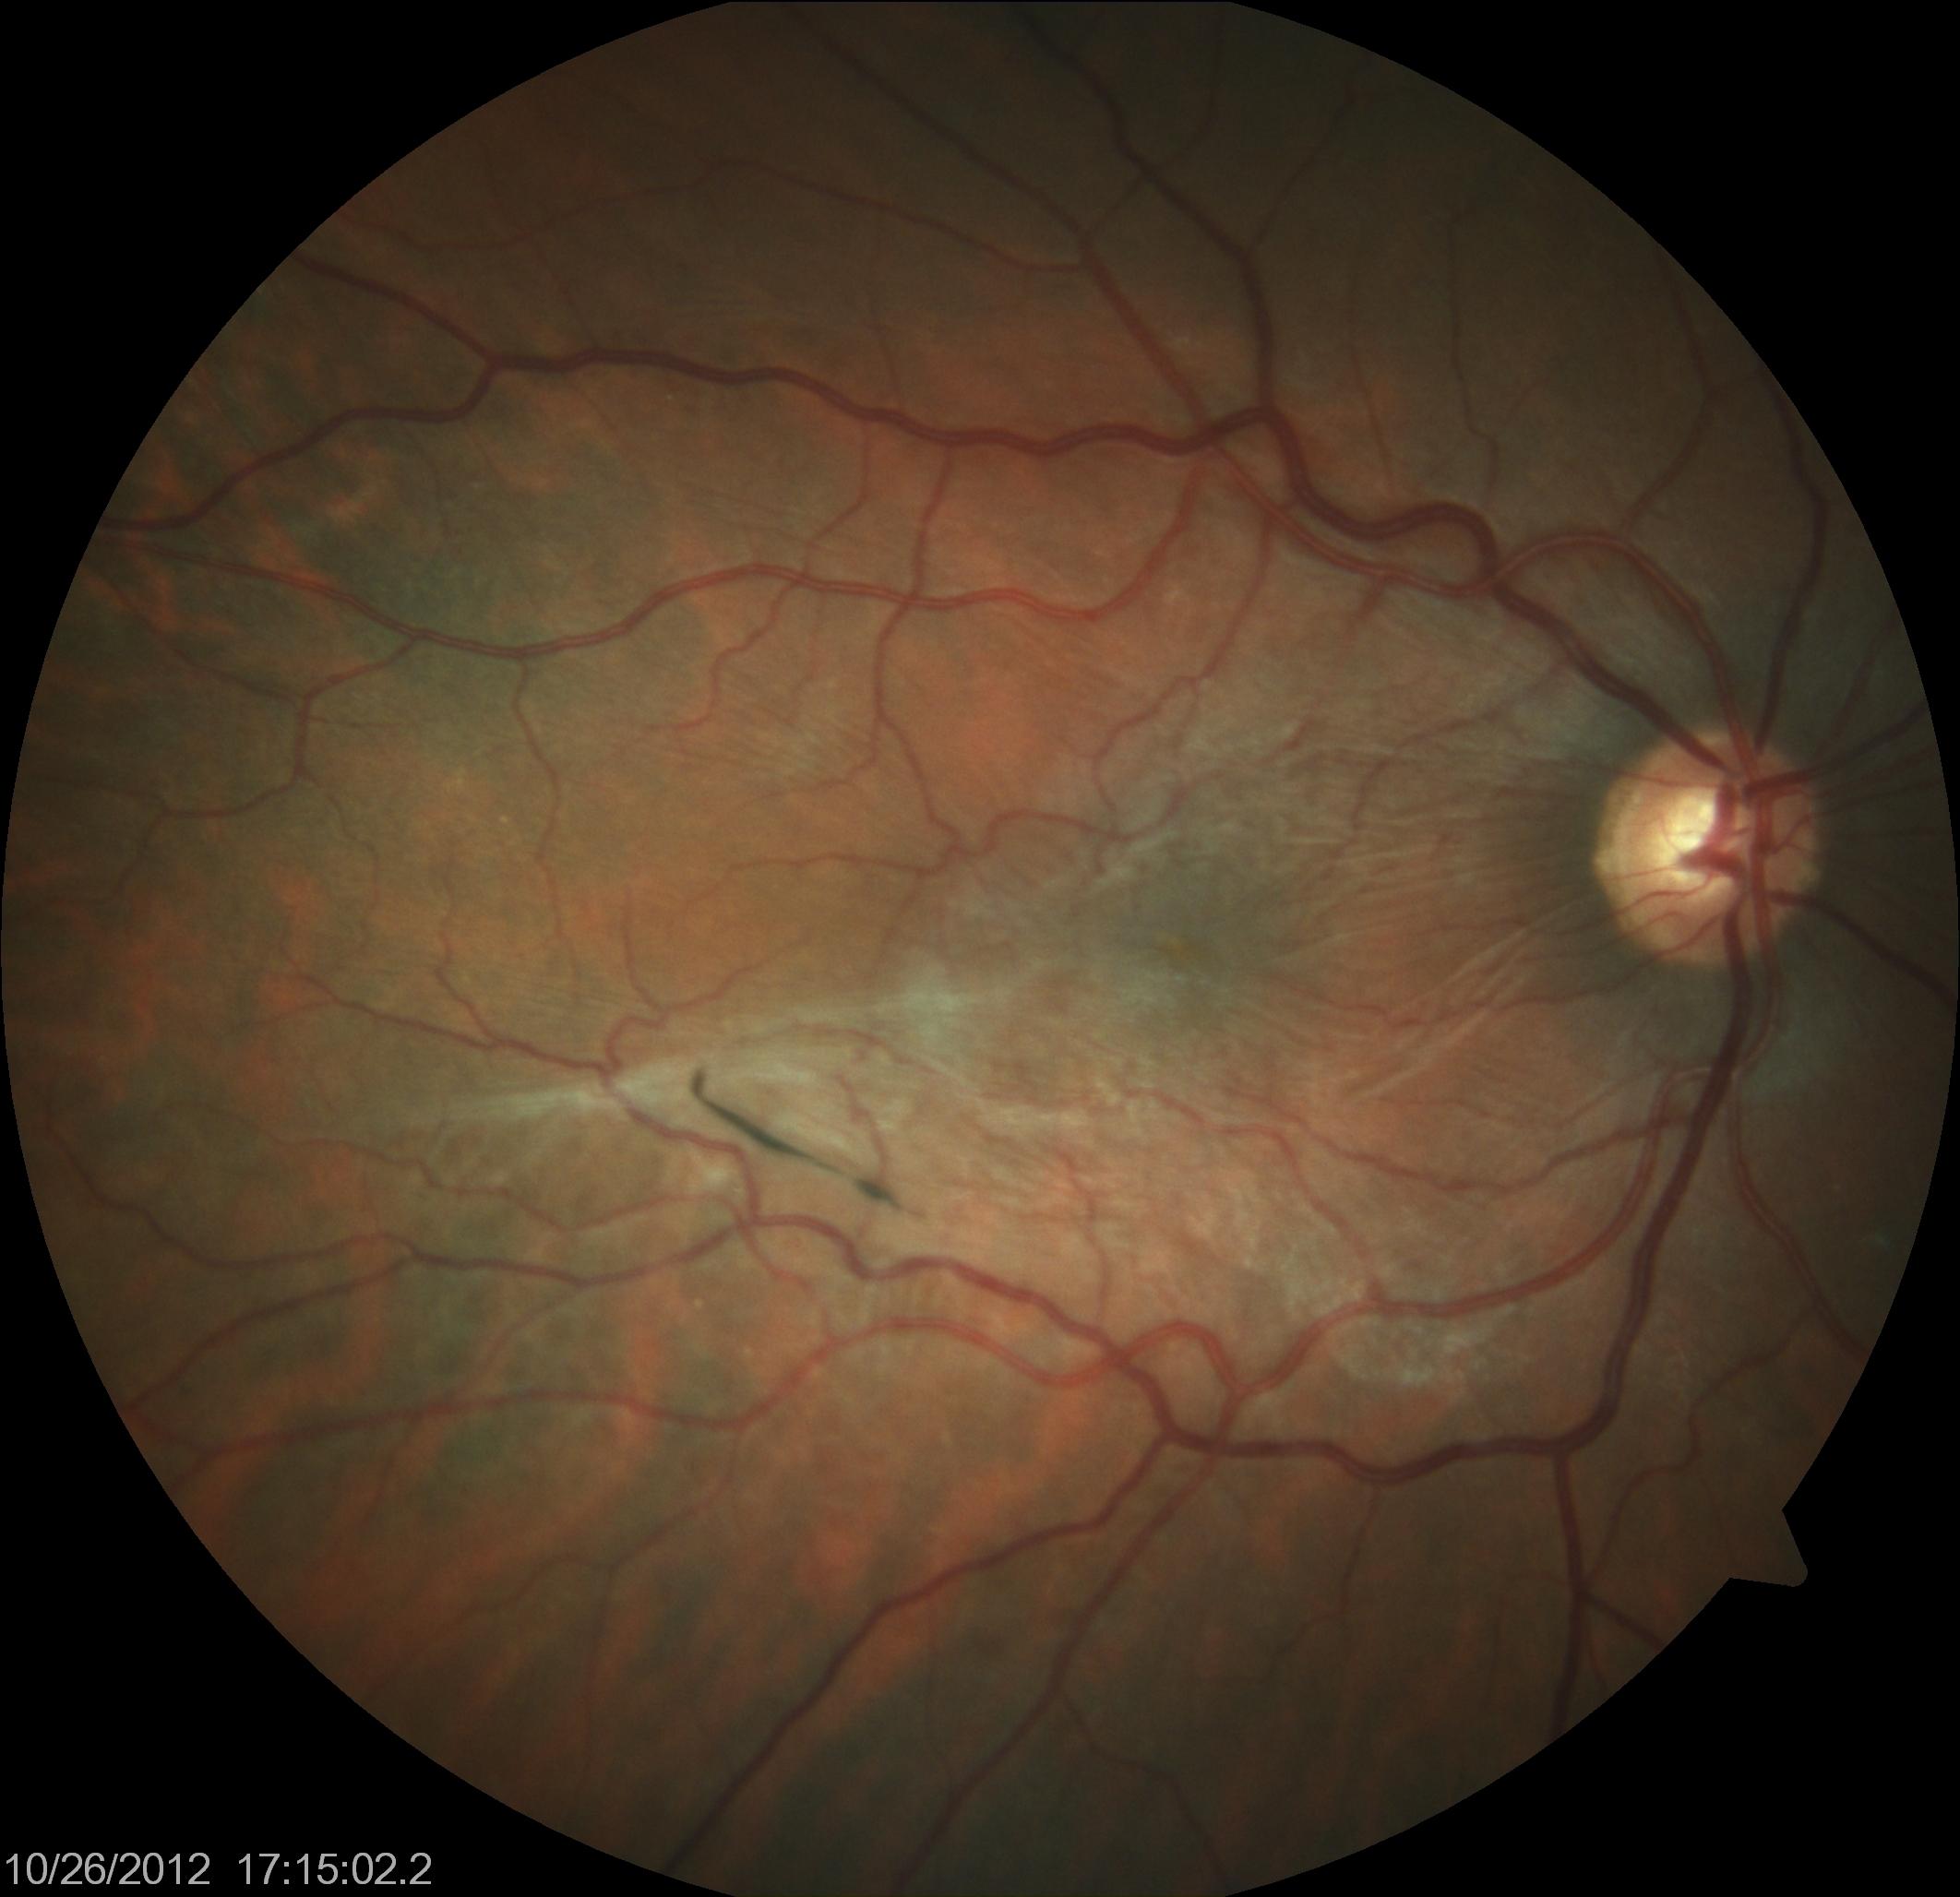 Epi-Retinal Membrane | Macular Pucker in patients right eye | Eye Columbus